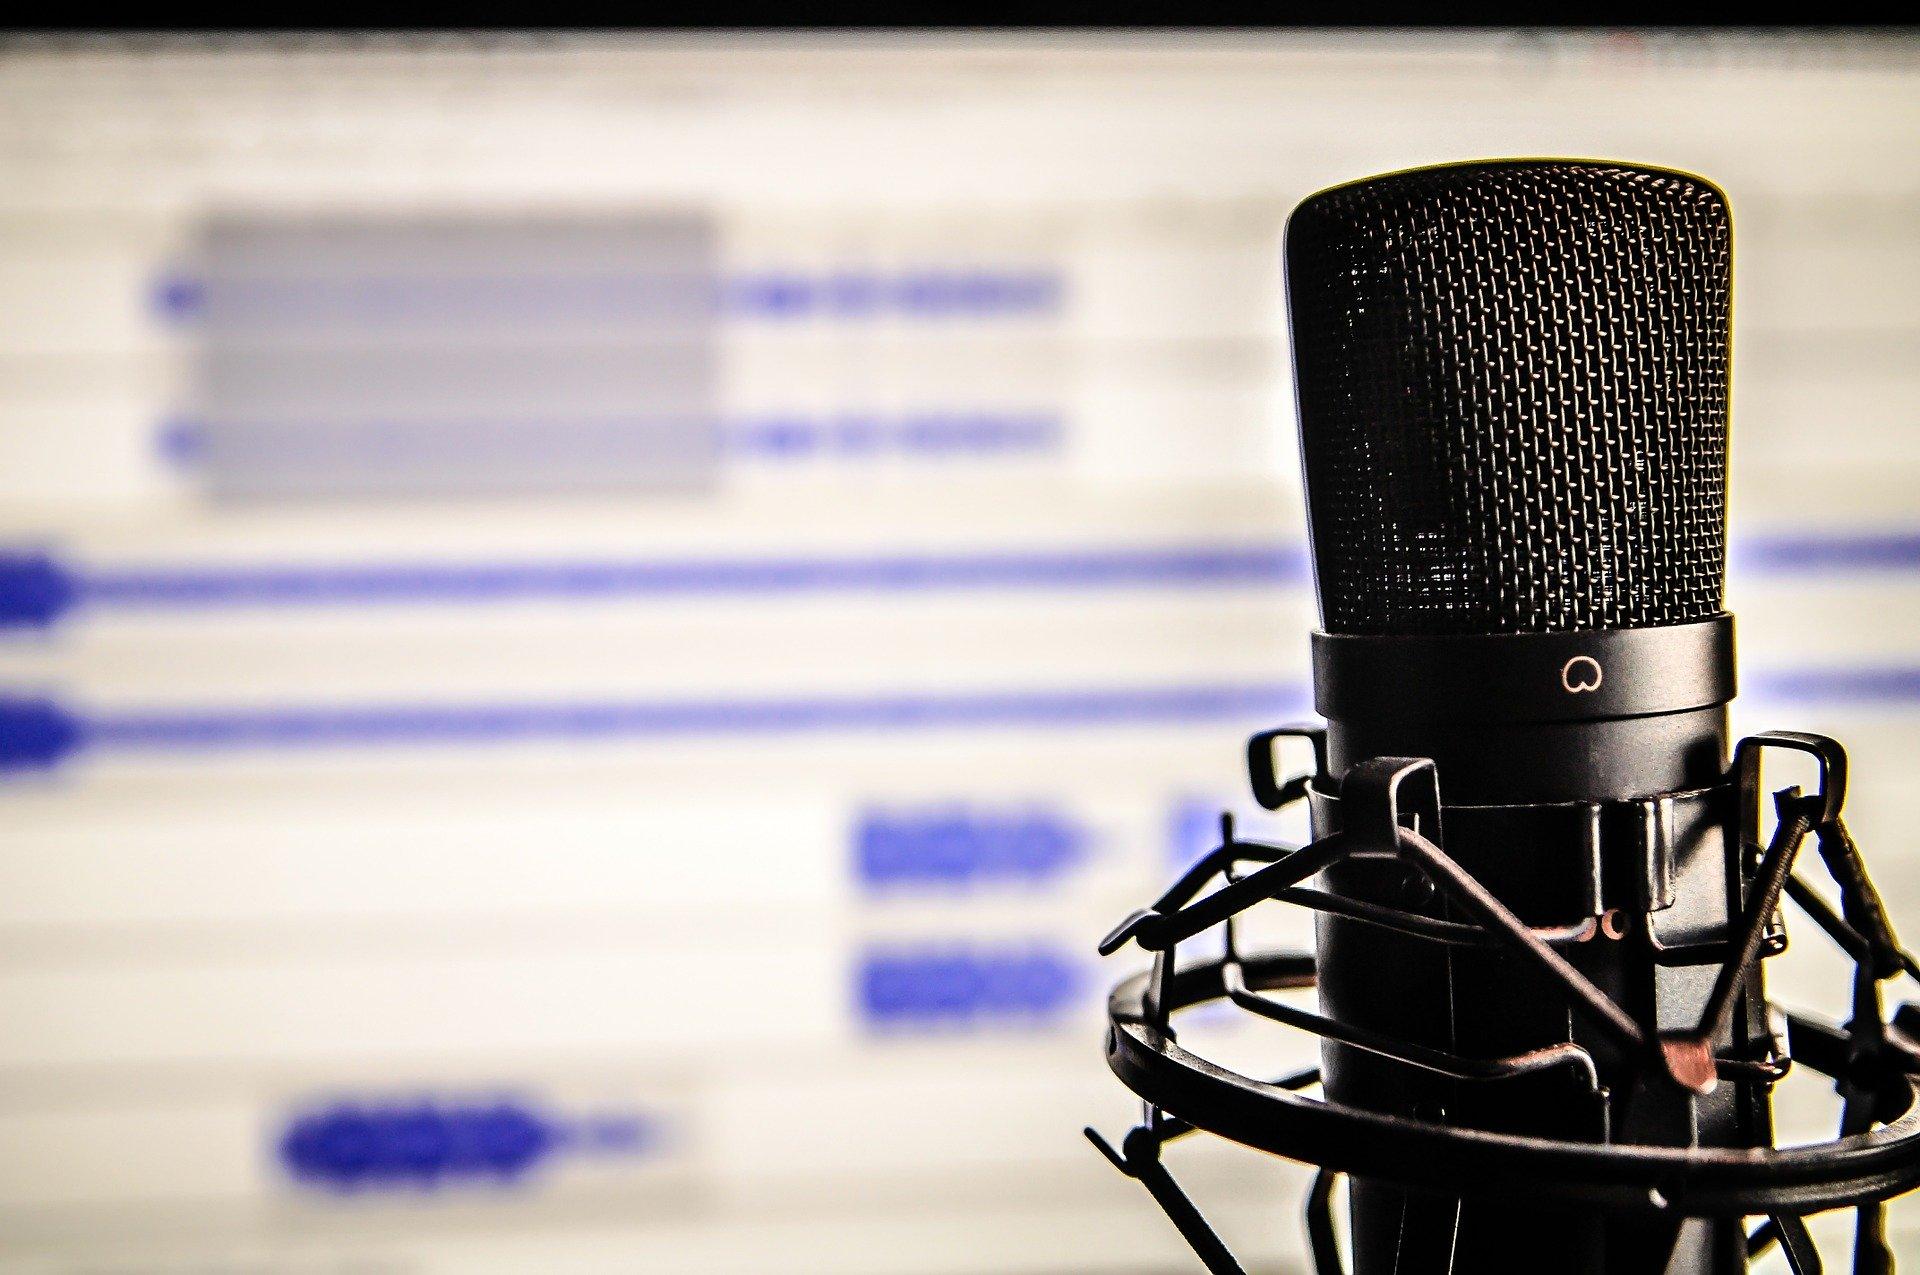 Les 7 meilleurs logiciels pour éditer et enregistrer votre émission poadcast (2020)